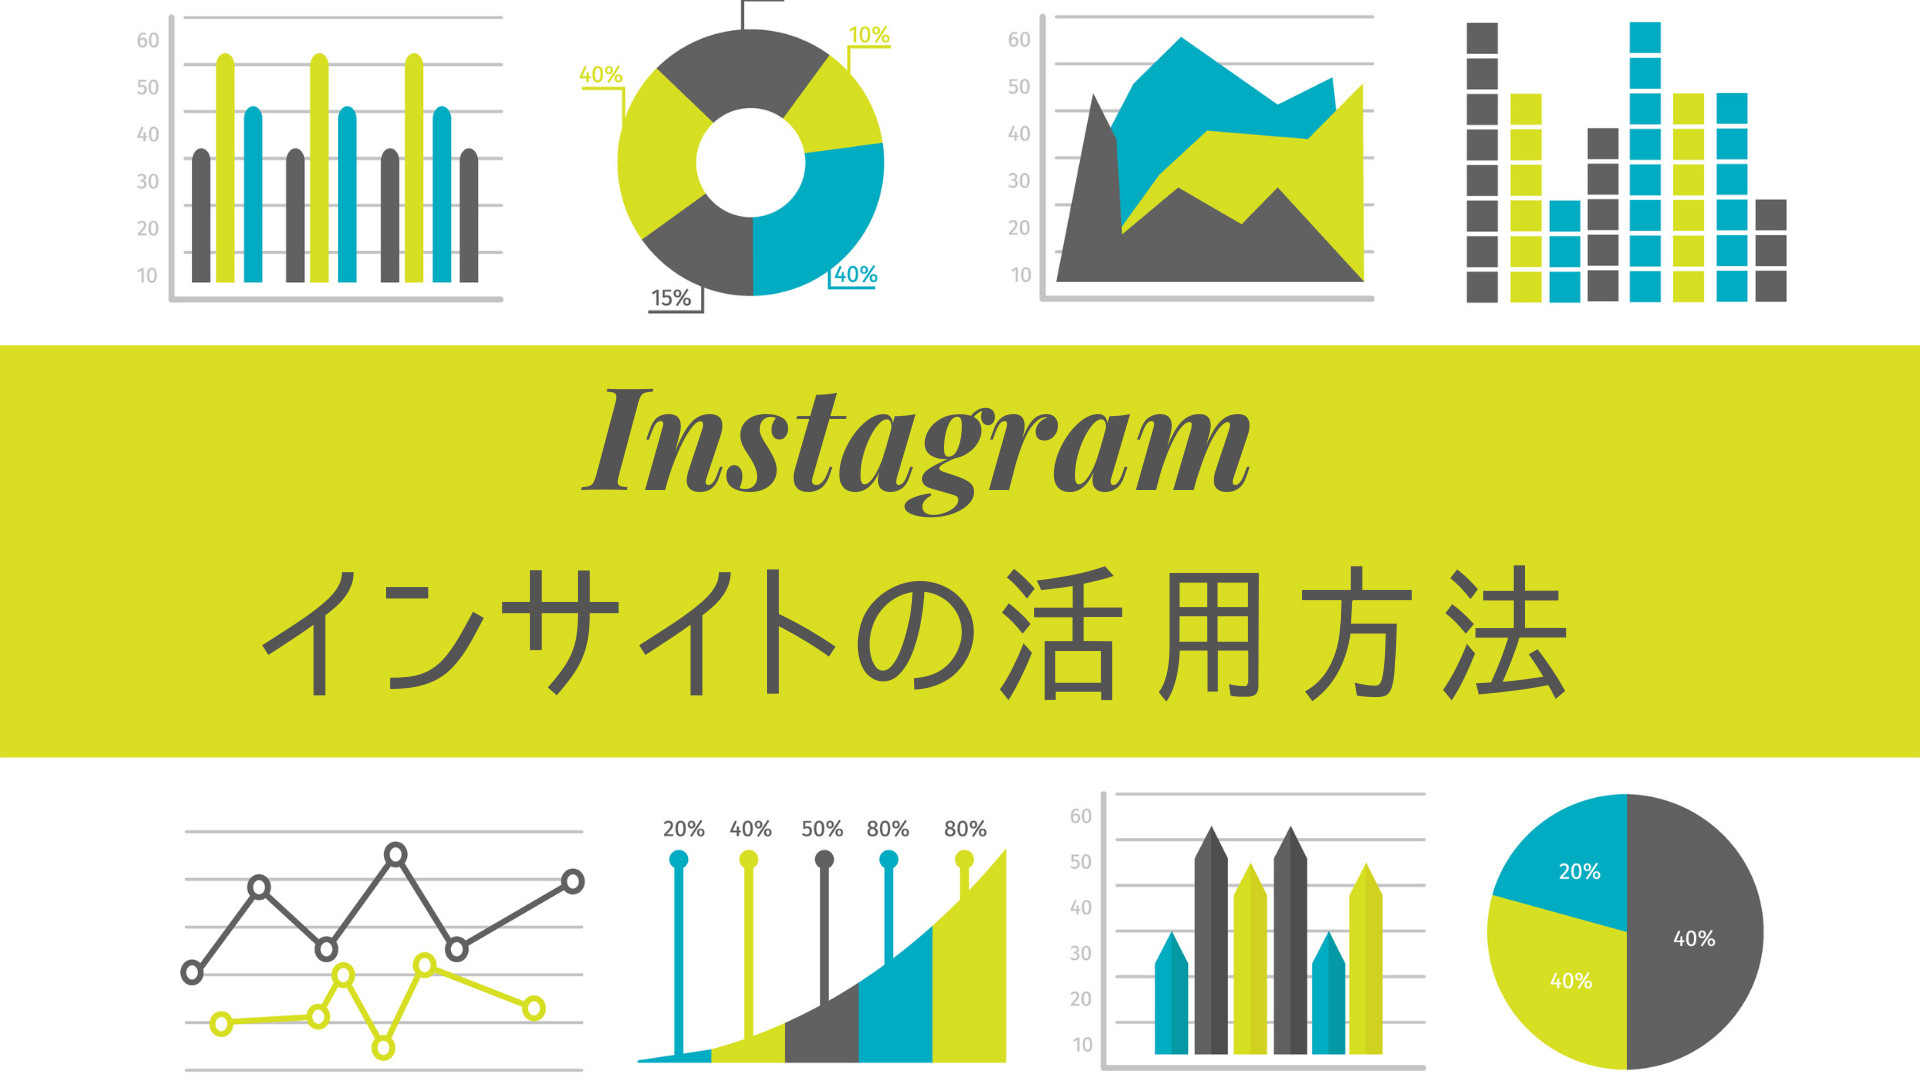 【2021年度版】Instagramインサイトについて徹底解説!その確認方法と活用法とは。